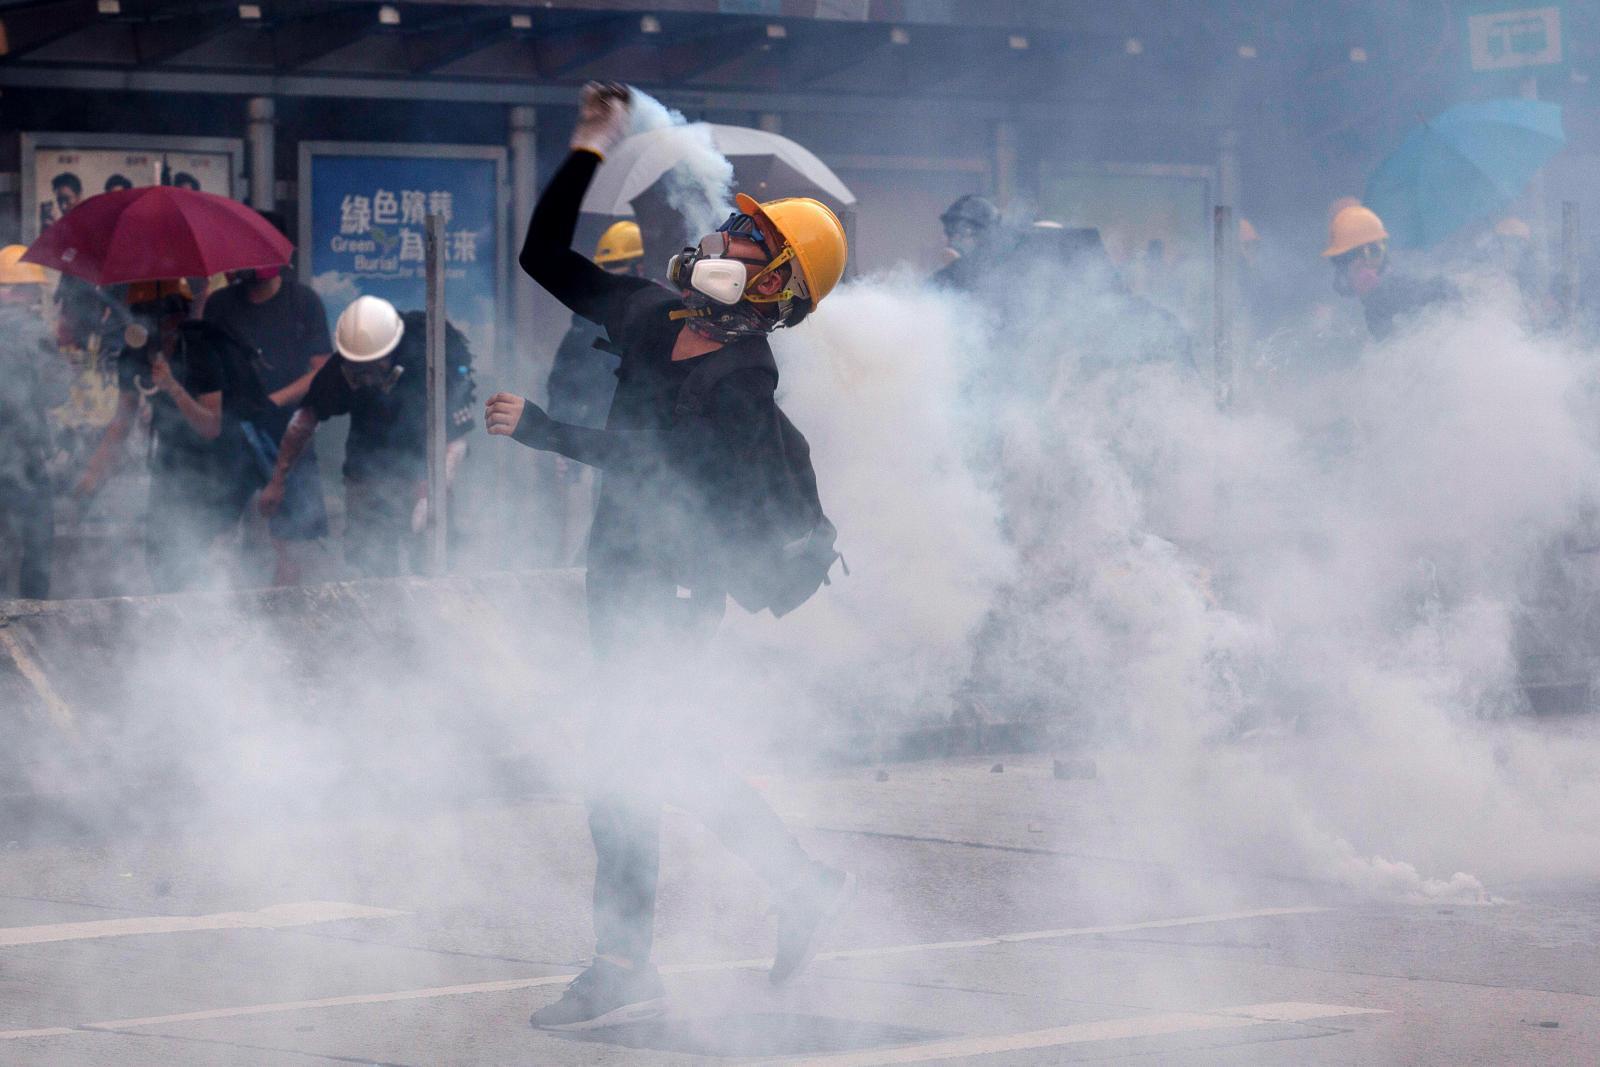 ทางการจีนเตรียมแถลงรอบ 2 สถานการณ์ฮ่องกง